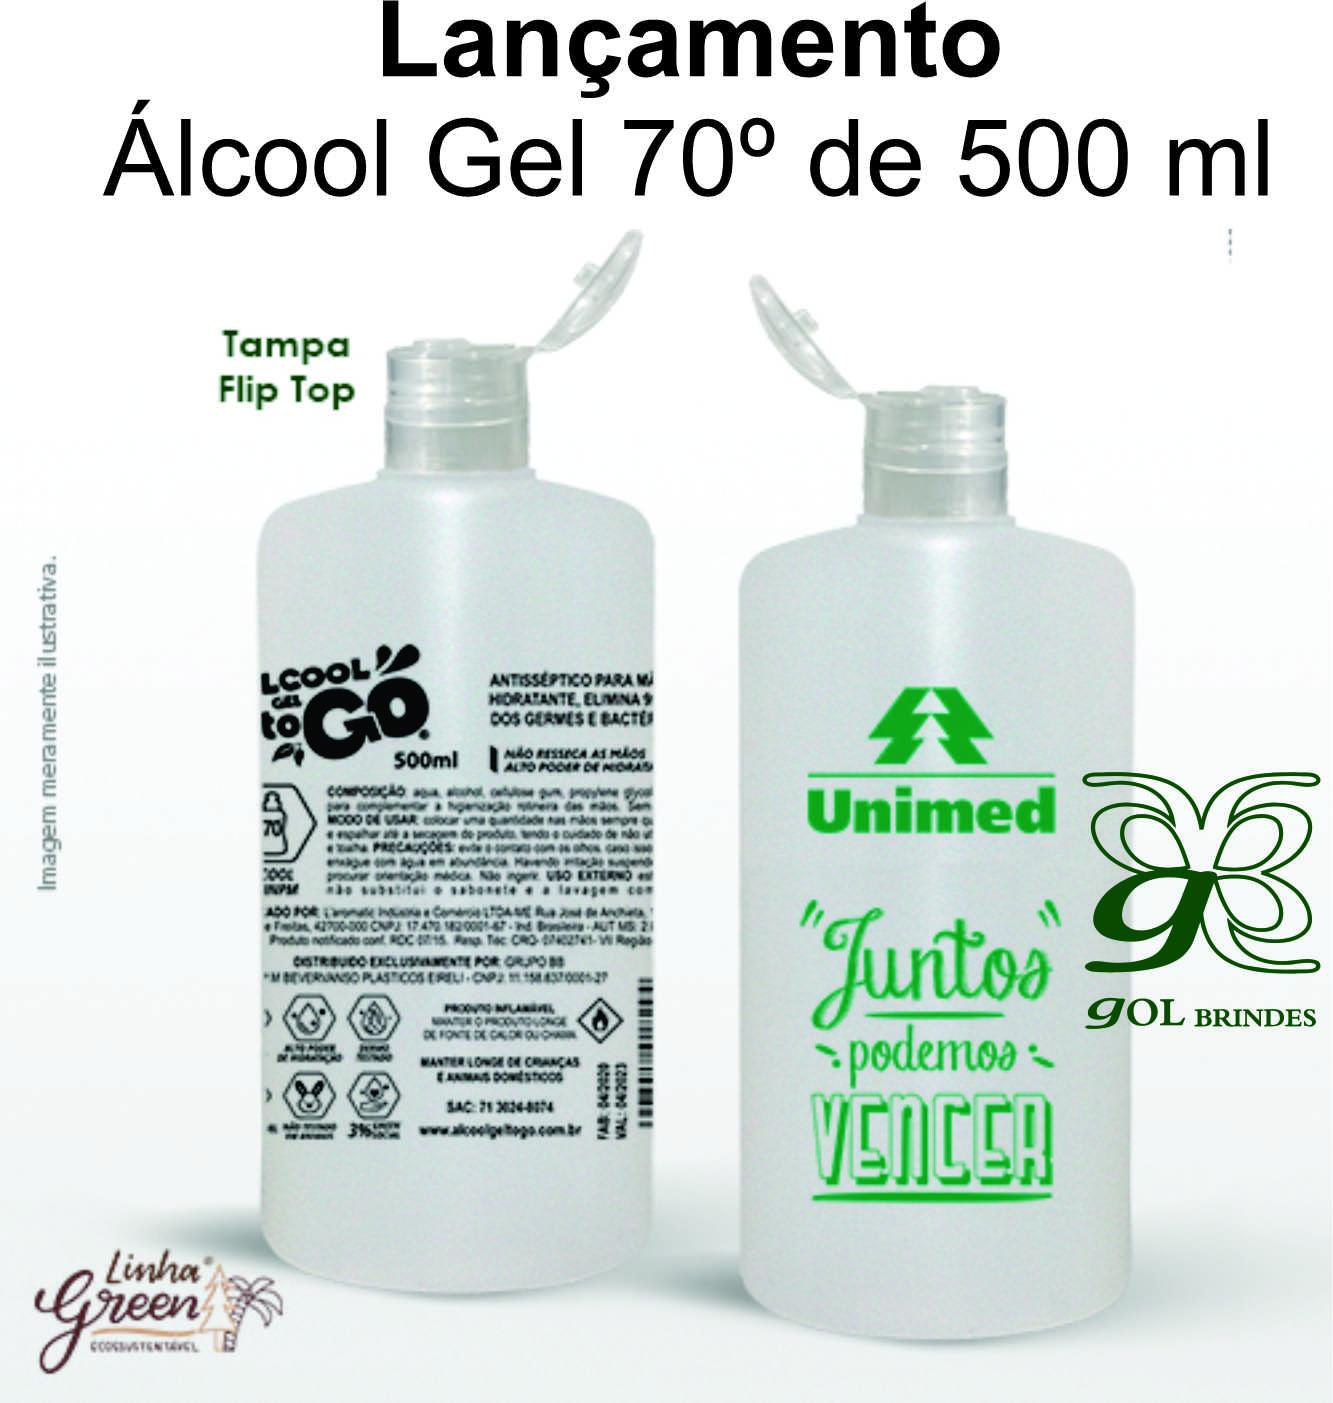 alcool_gel_01_anuncio